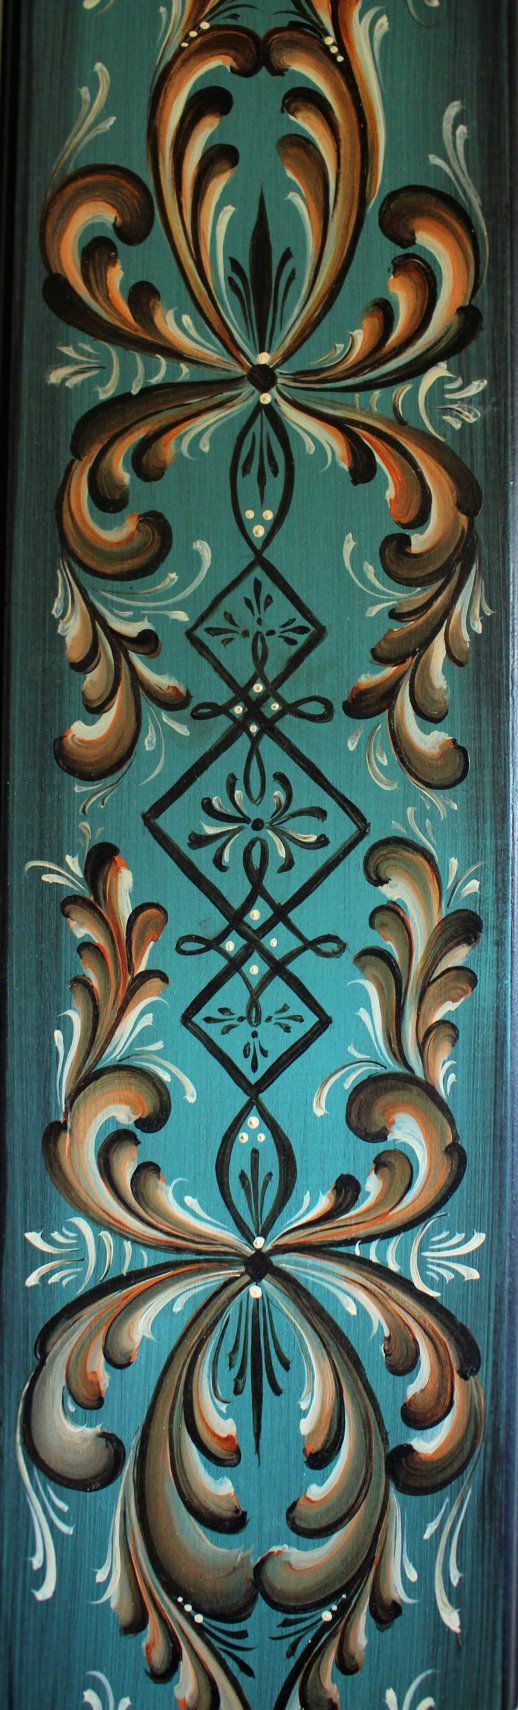 Hermosa Rosemaling noruego Oppdal estilo...  Esta placa de madera bajos es de 24 x 6 x 3/4, y tiene un nórdico antiguo azul de fondo, con un esmalte de ónix en la parte superior, lados del Onyx y de nuevo.  Tiene Rosemaling en el estilo de Oppdal hacia abajo la parte delantera, en volutas marrón, oro, rojo y blanco. Blanca y línea marrón intenso trabajo y lágrima caída de acentos.  El diseño y la pintura son originales, y mi firma y la fecha están en la parte posterior: Cathy Koball 2014…